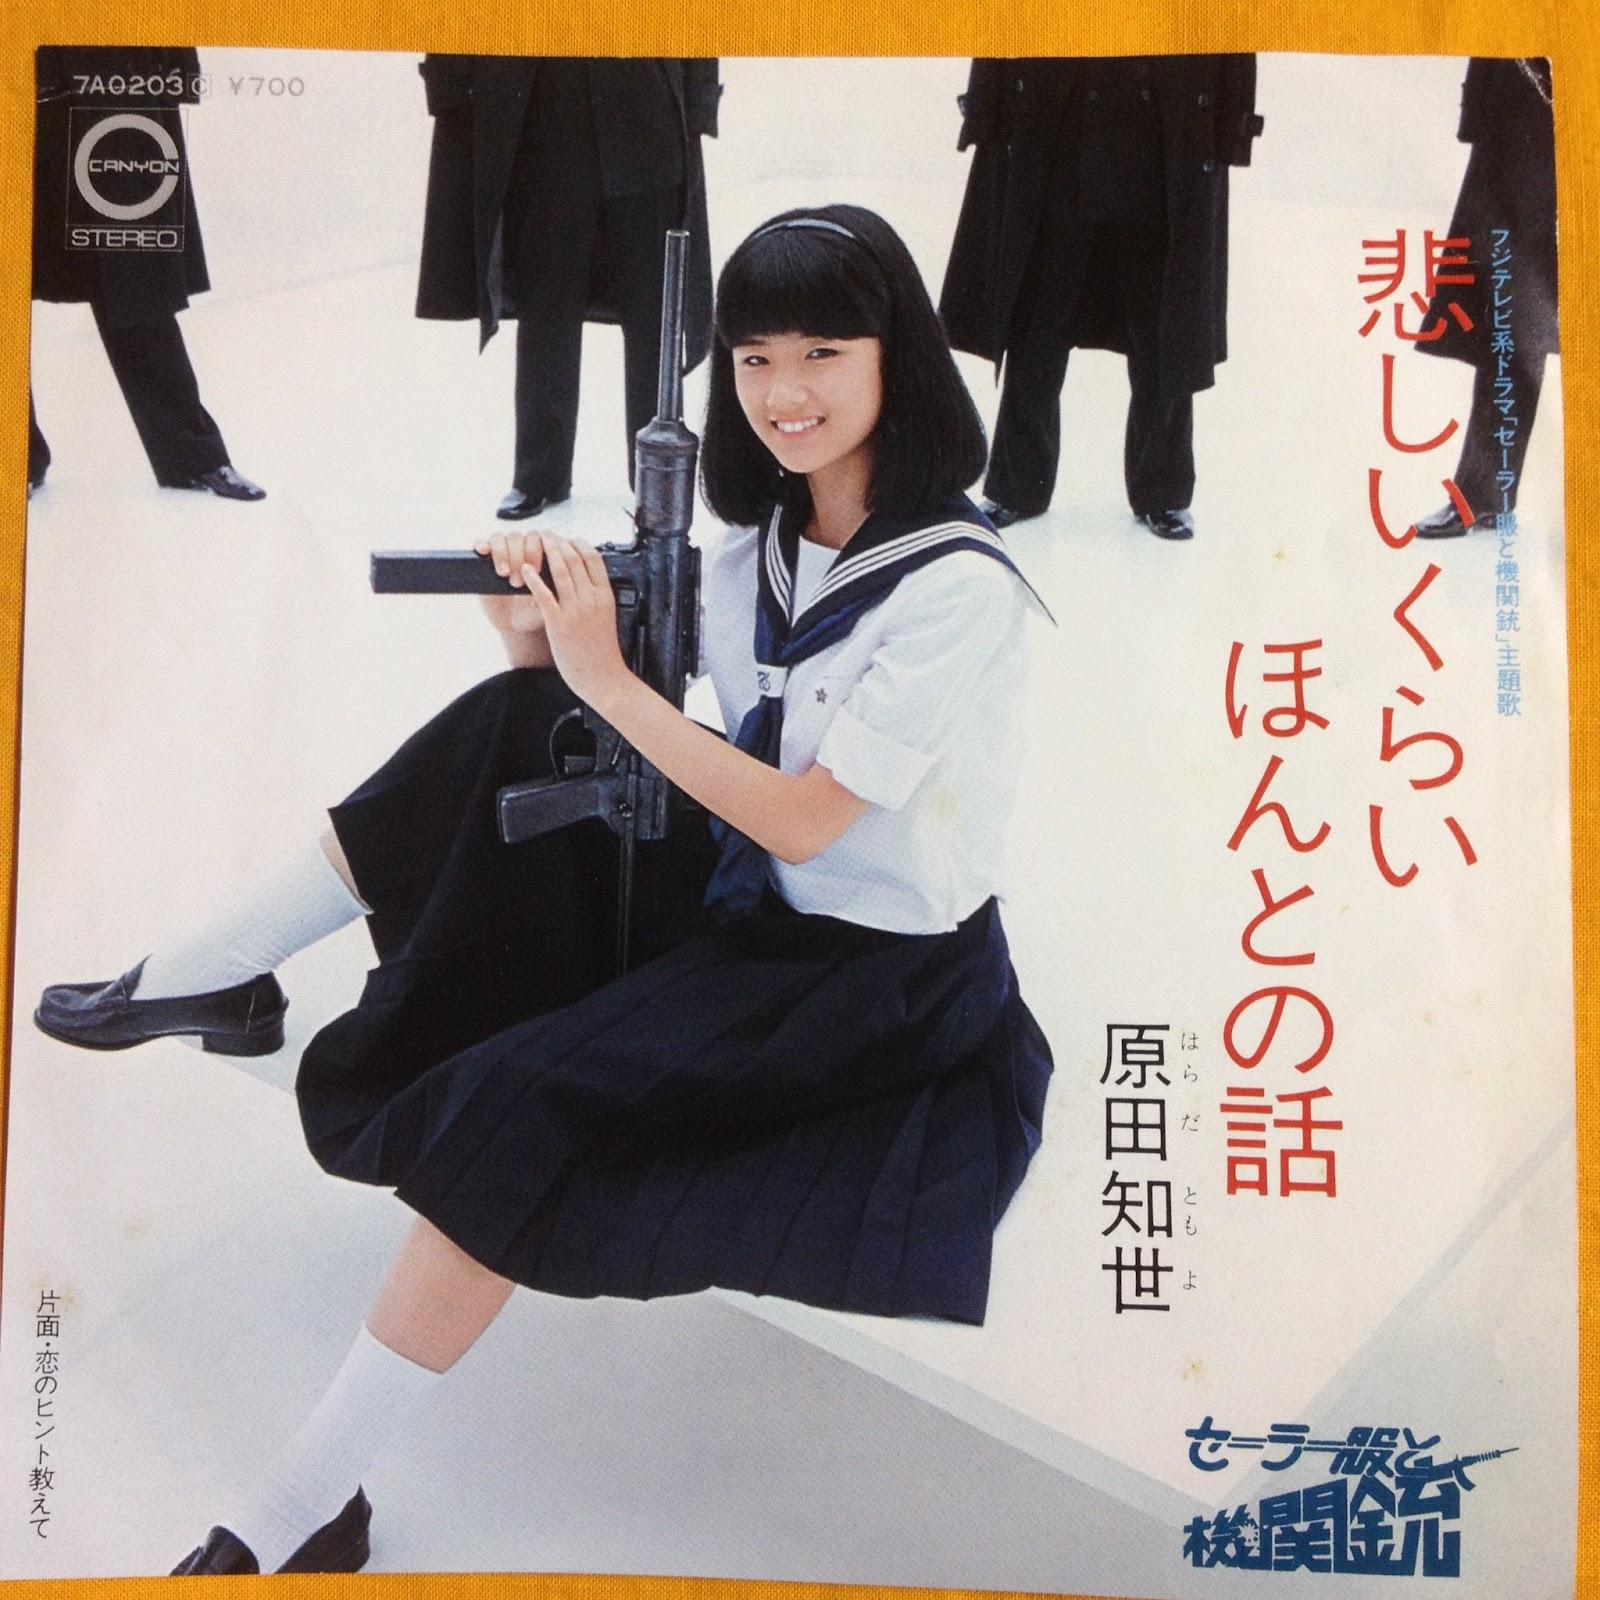 Tomoyo Harada - Kanashii Kurai Honto No Hanashi (Canyon, 7A0203, 7